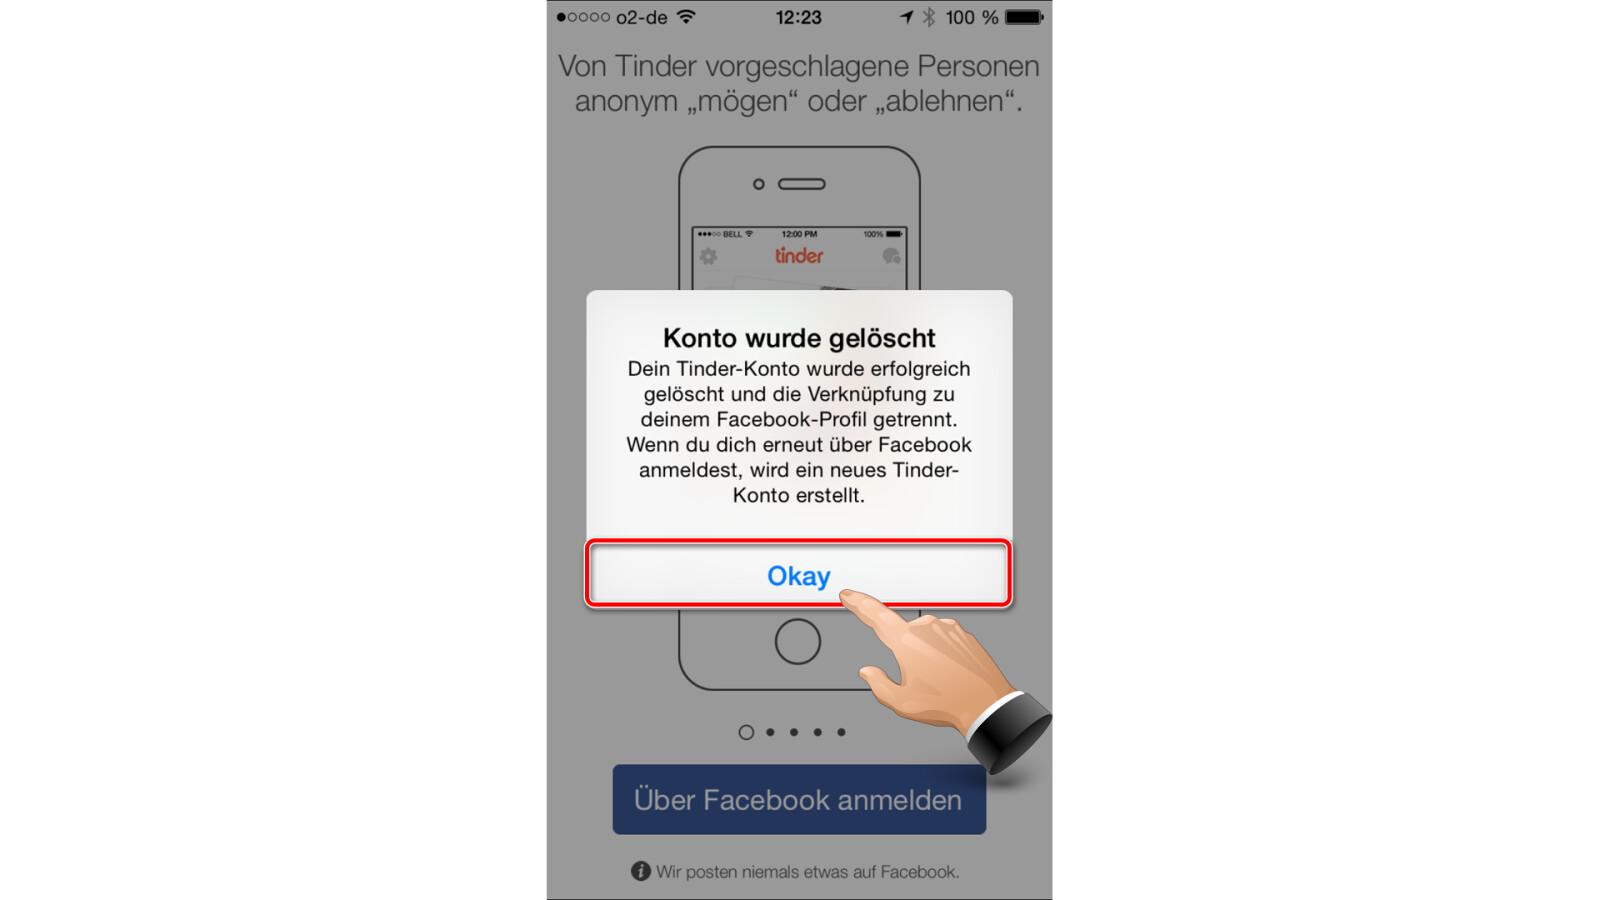 Tinder-Konto auf dem iPhone löschen | NETZWELT